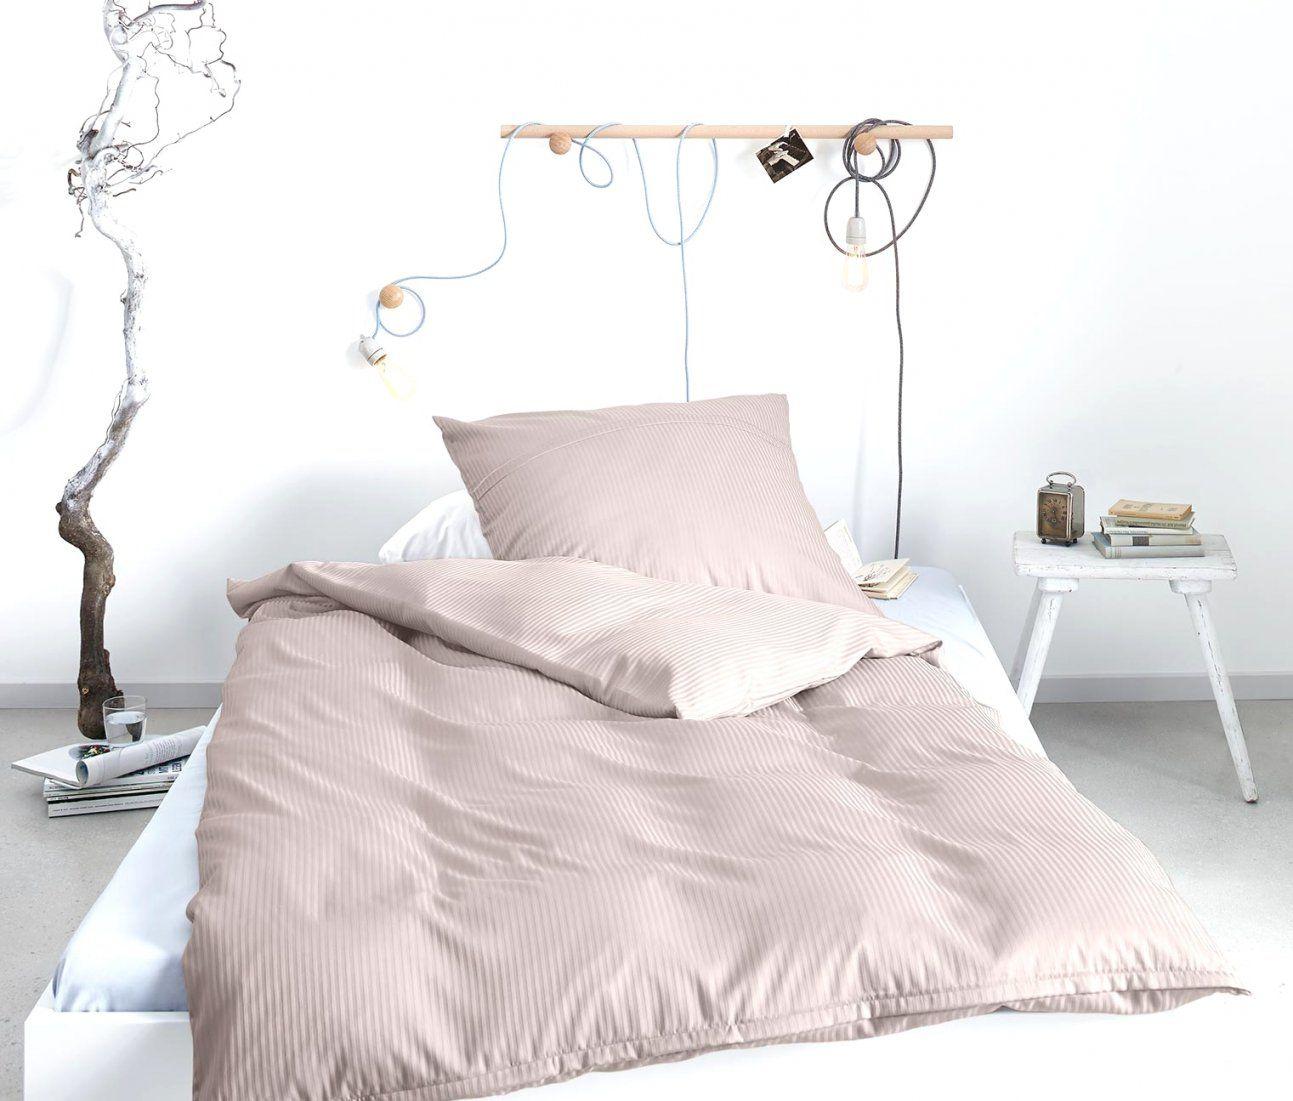 Sehr Gute Ideen Normale Bettwäsche Größe Und Elegante Maße Home von Normale Bettwäsche Maße Bild